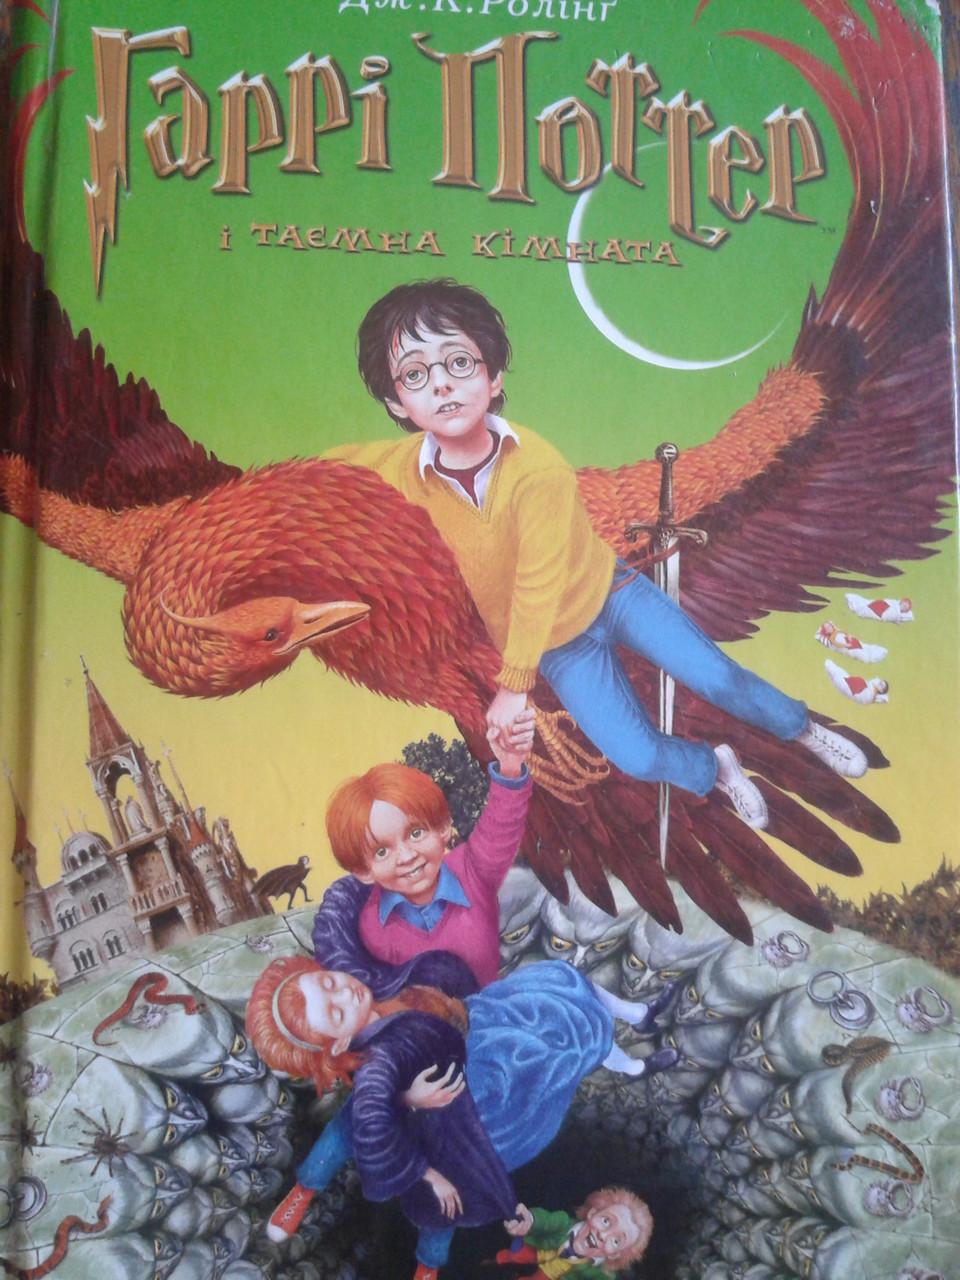 «Гаррі Поттер» — серія з семи фантастичних романів, гепталогія англійської письменниці Джоан Ролінґ. В книгах розповідається про пригоди юного чарівника Гаррі Поттера, цей персонаж і дав назву серії